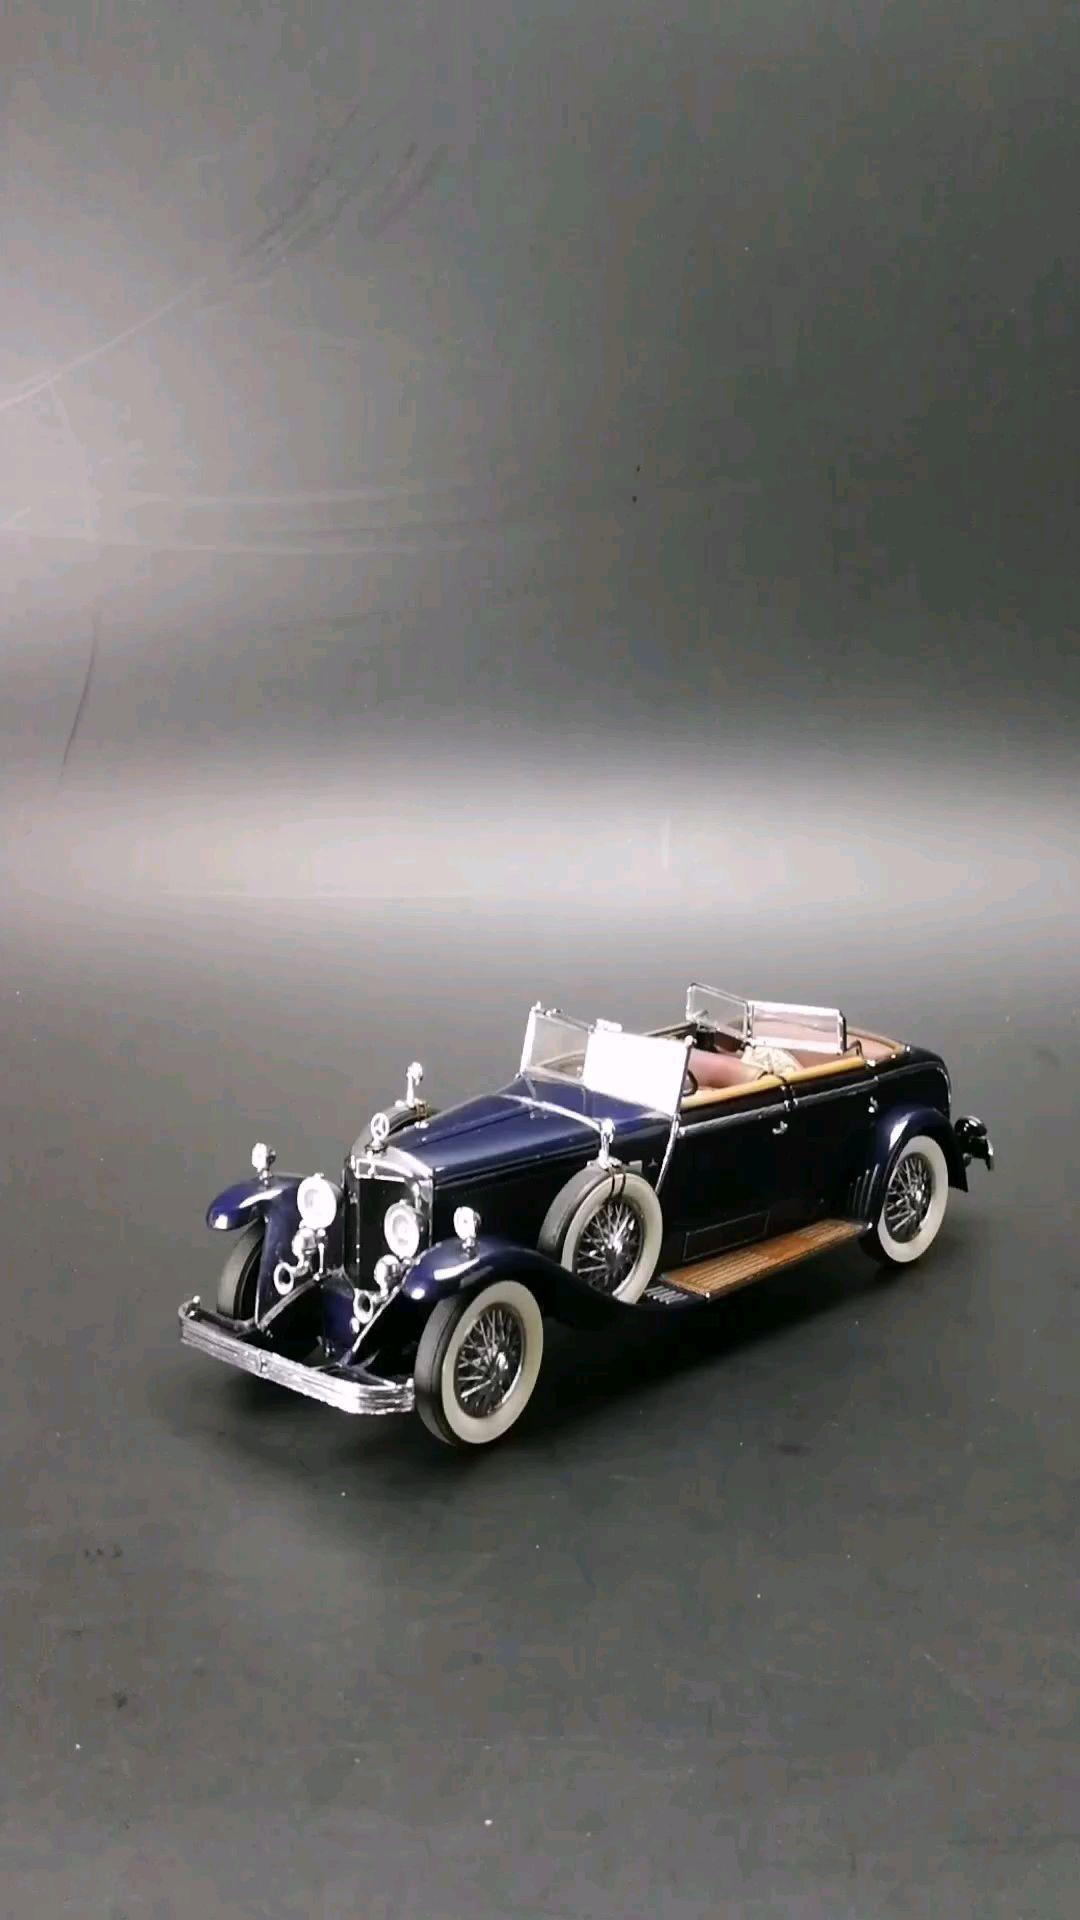 1926梅赛德斯奔驰K型敞篷轿车。1:24比例,东晓汽车模型收藏馆藏品。